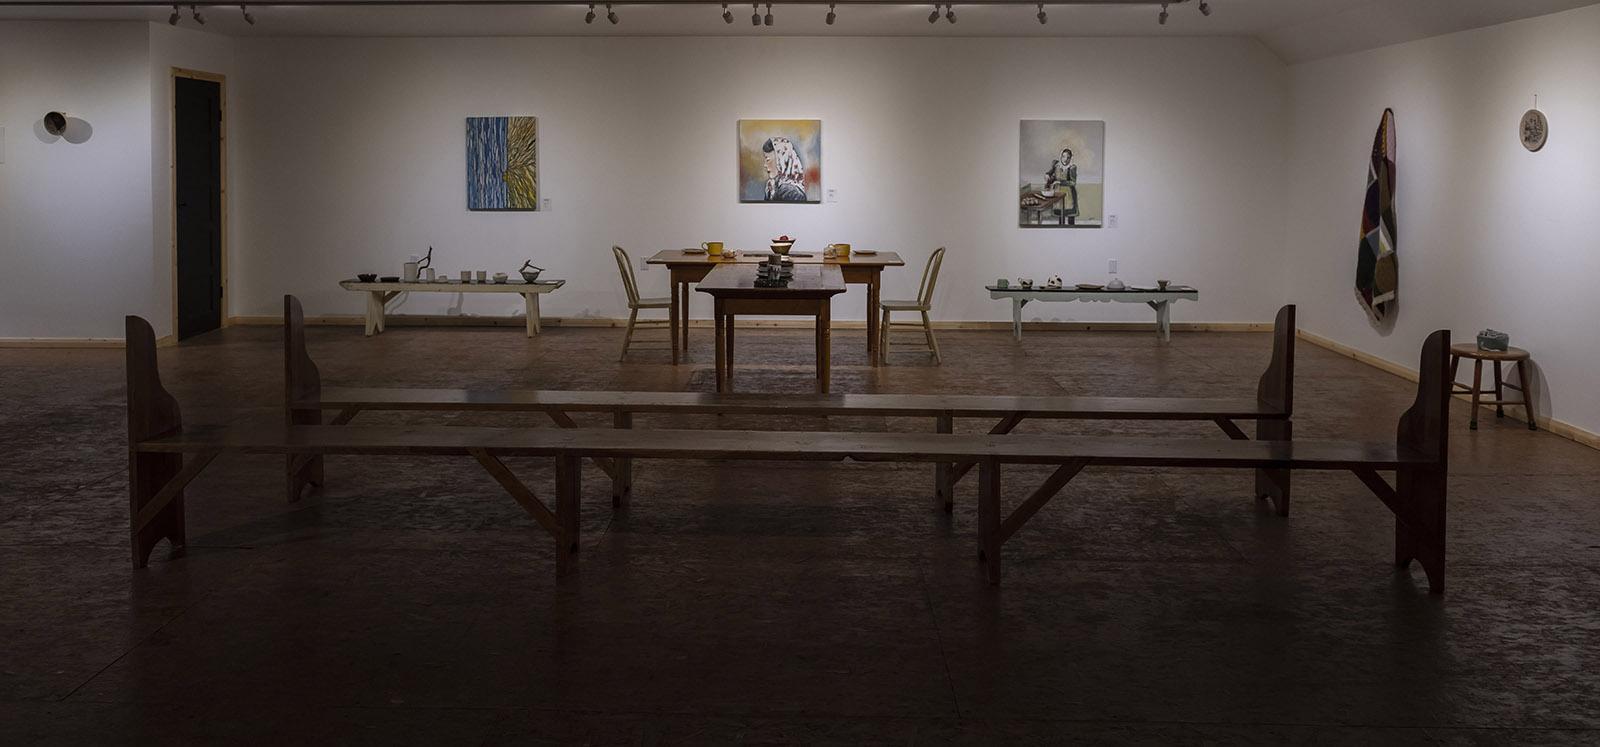 Sororidad exposición museo menonita